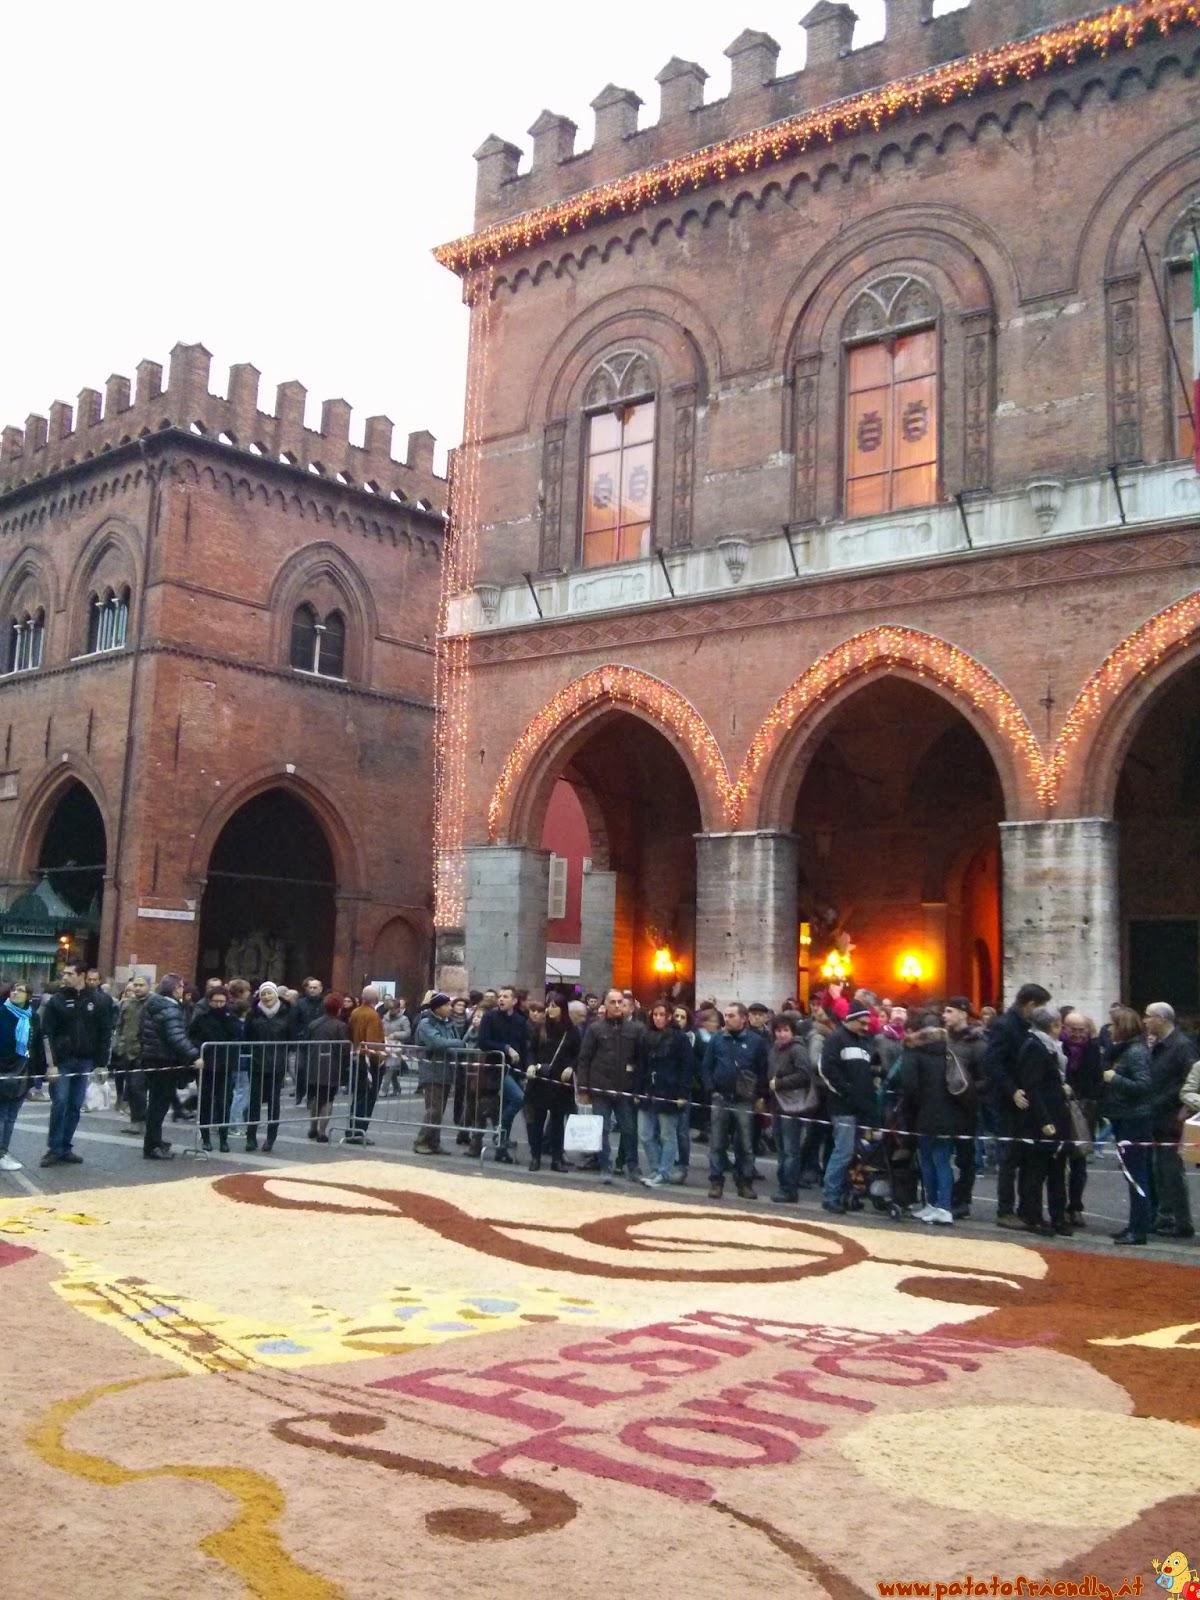 Cosa vedere a Cremona La piazza di Cremona